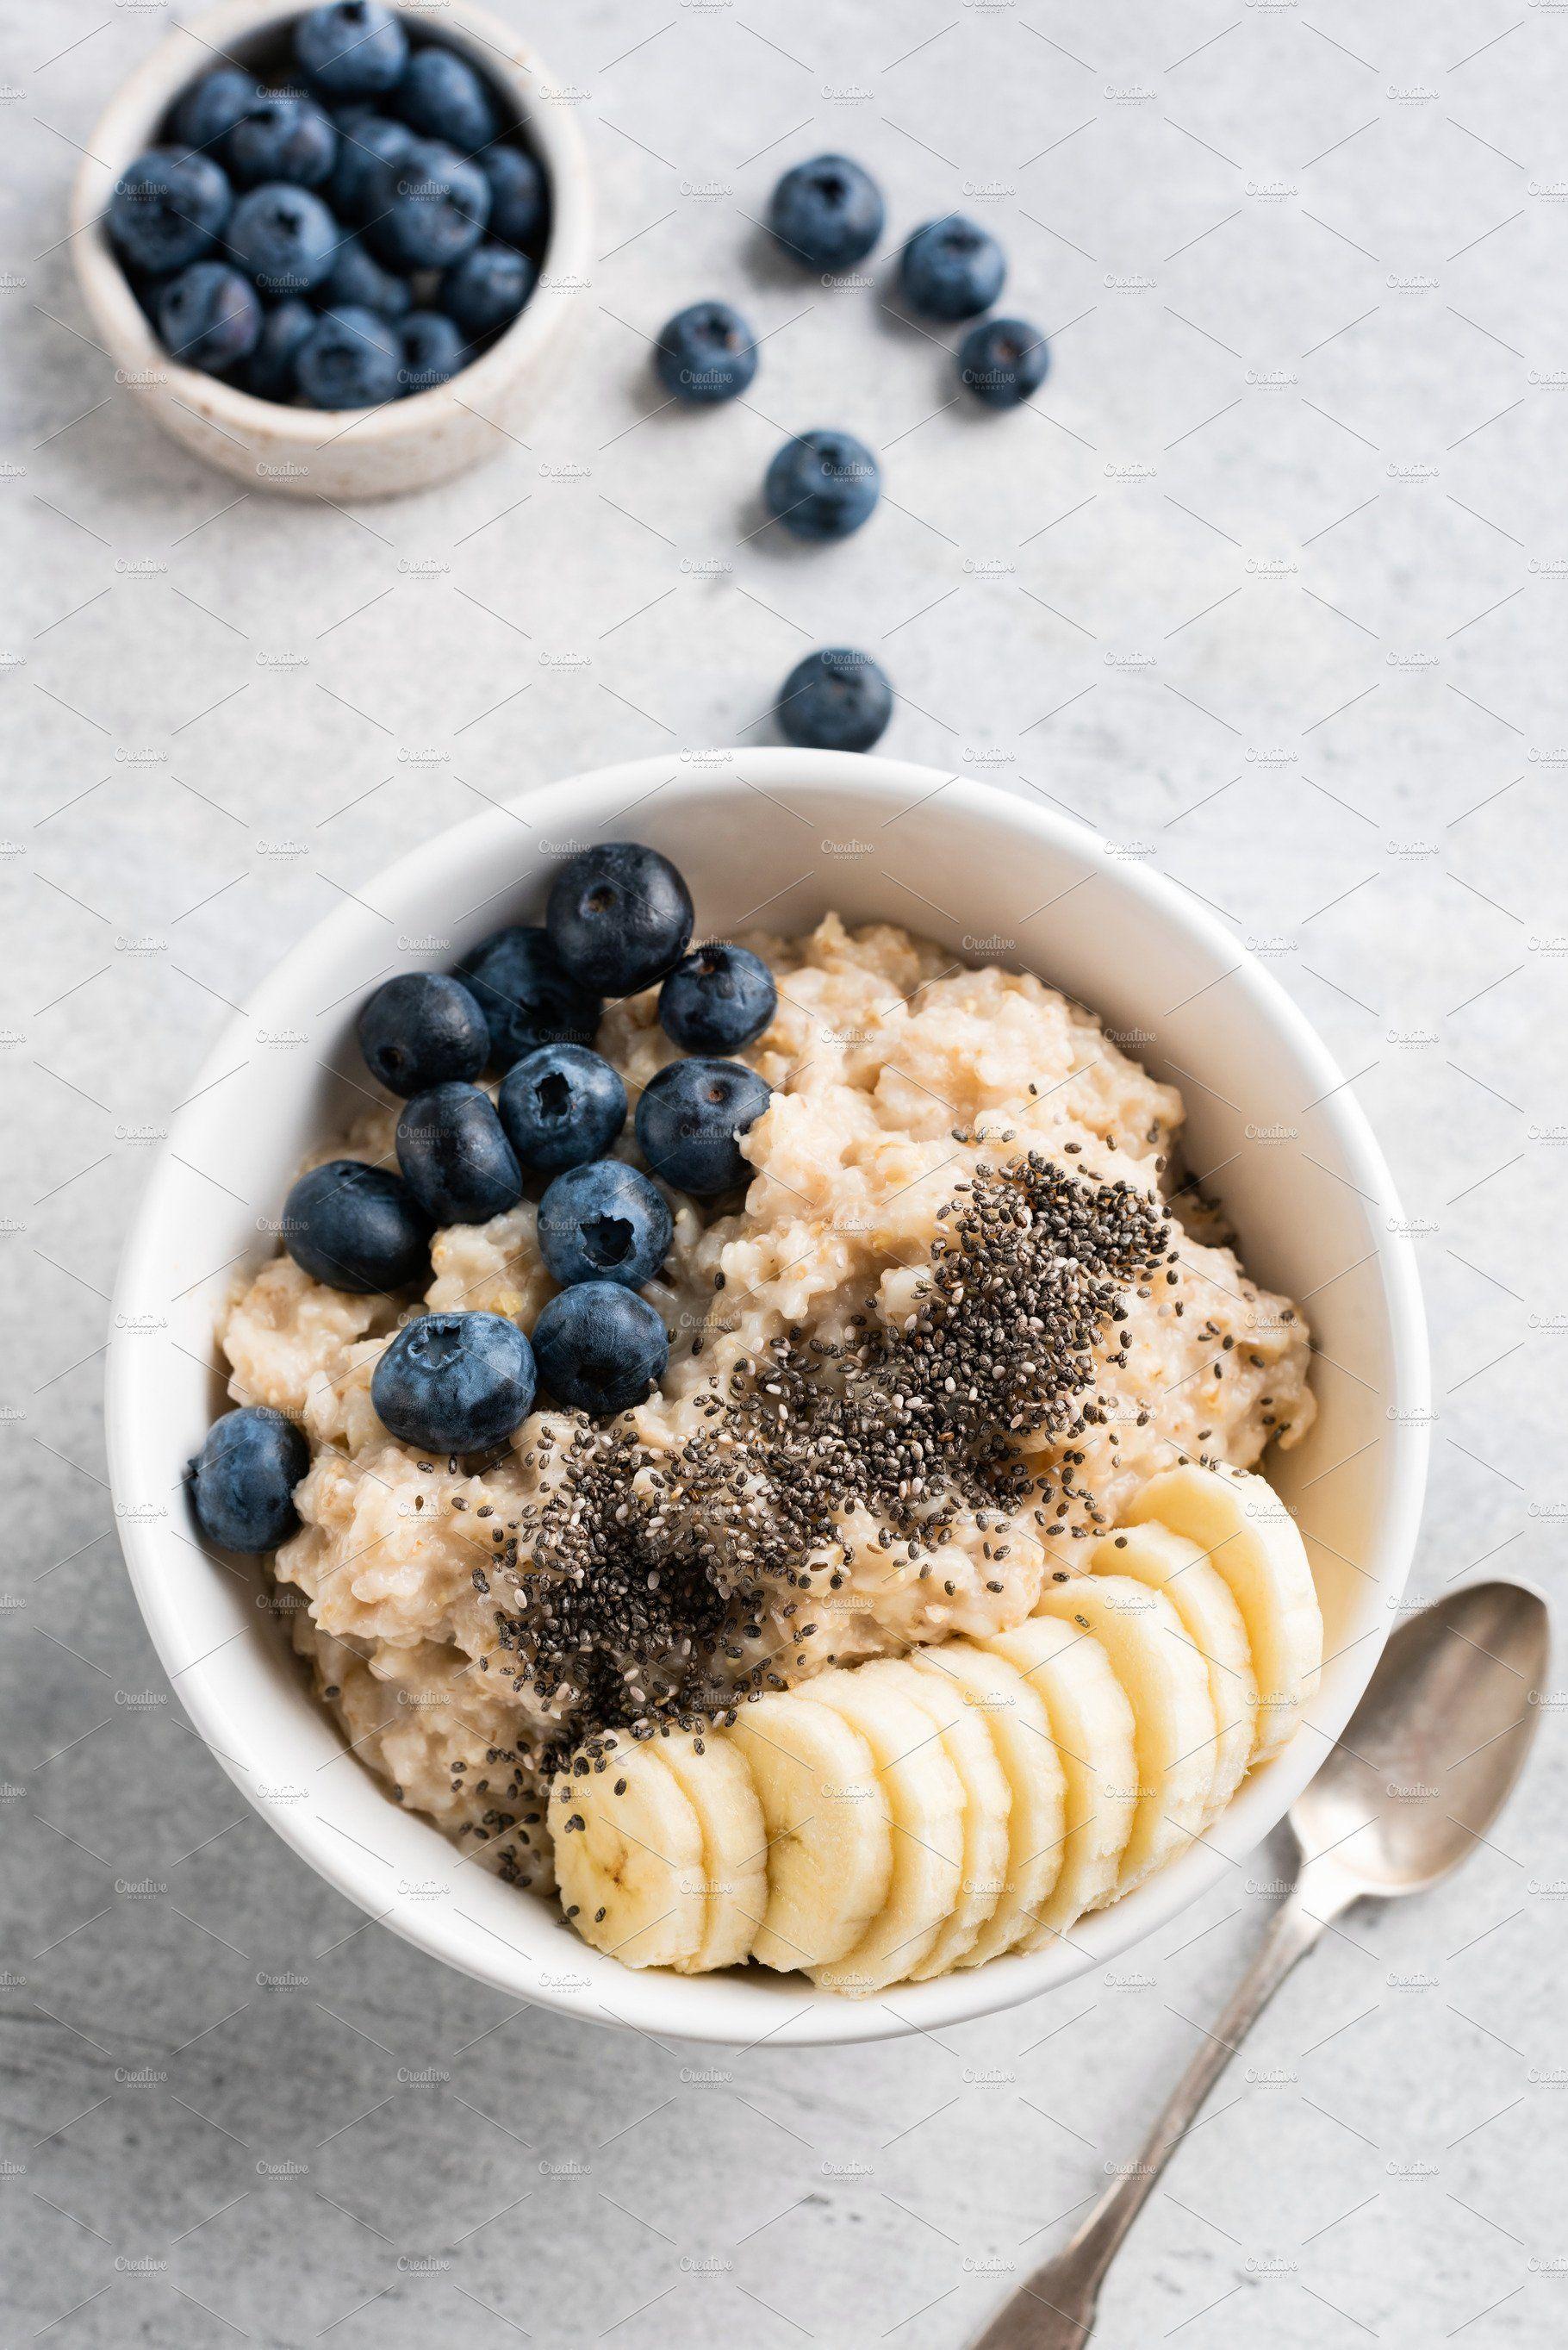 breakfast pictures #breakfast Tasty porridge oatmeal for breakfast by The baking man on creativemarket